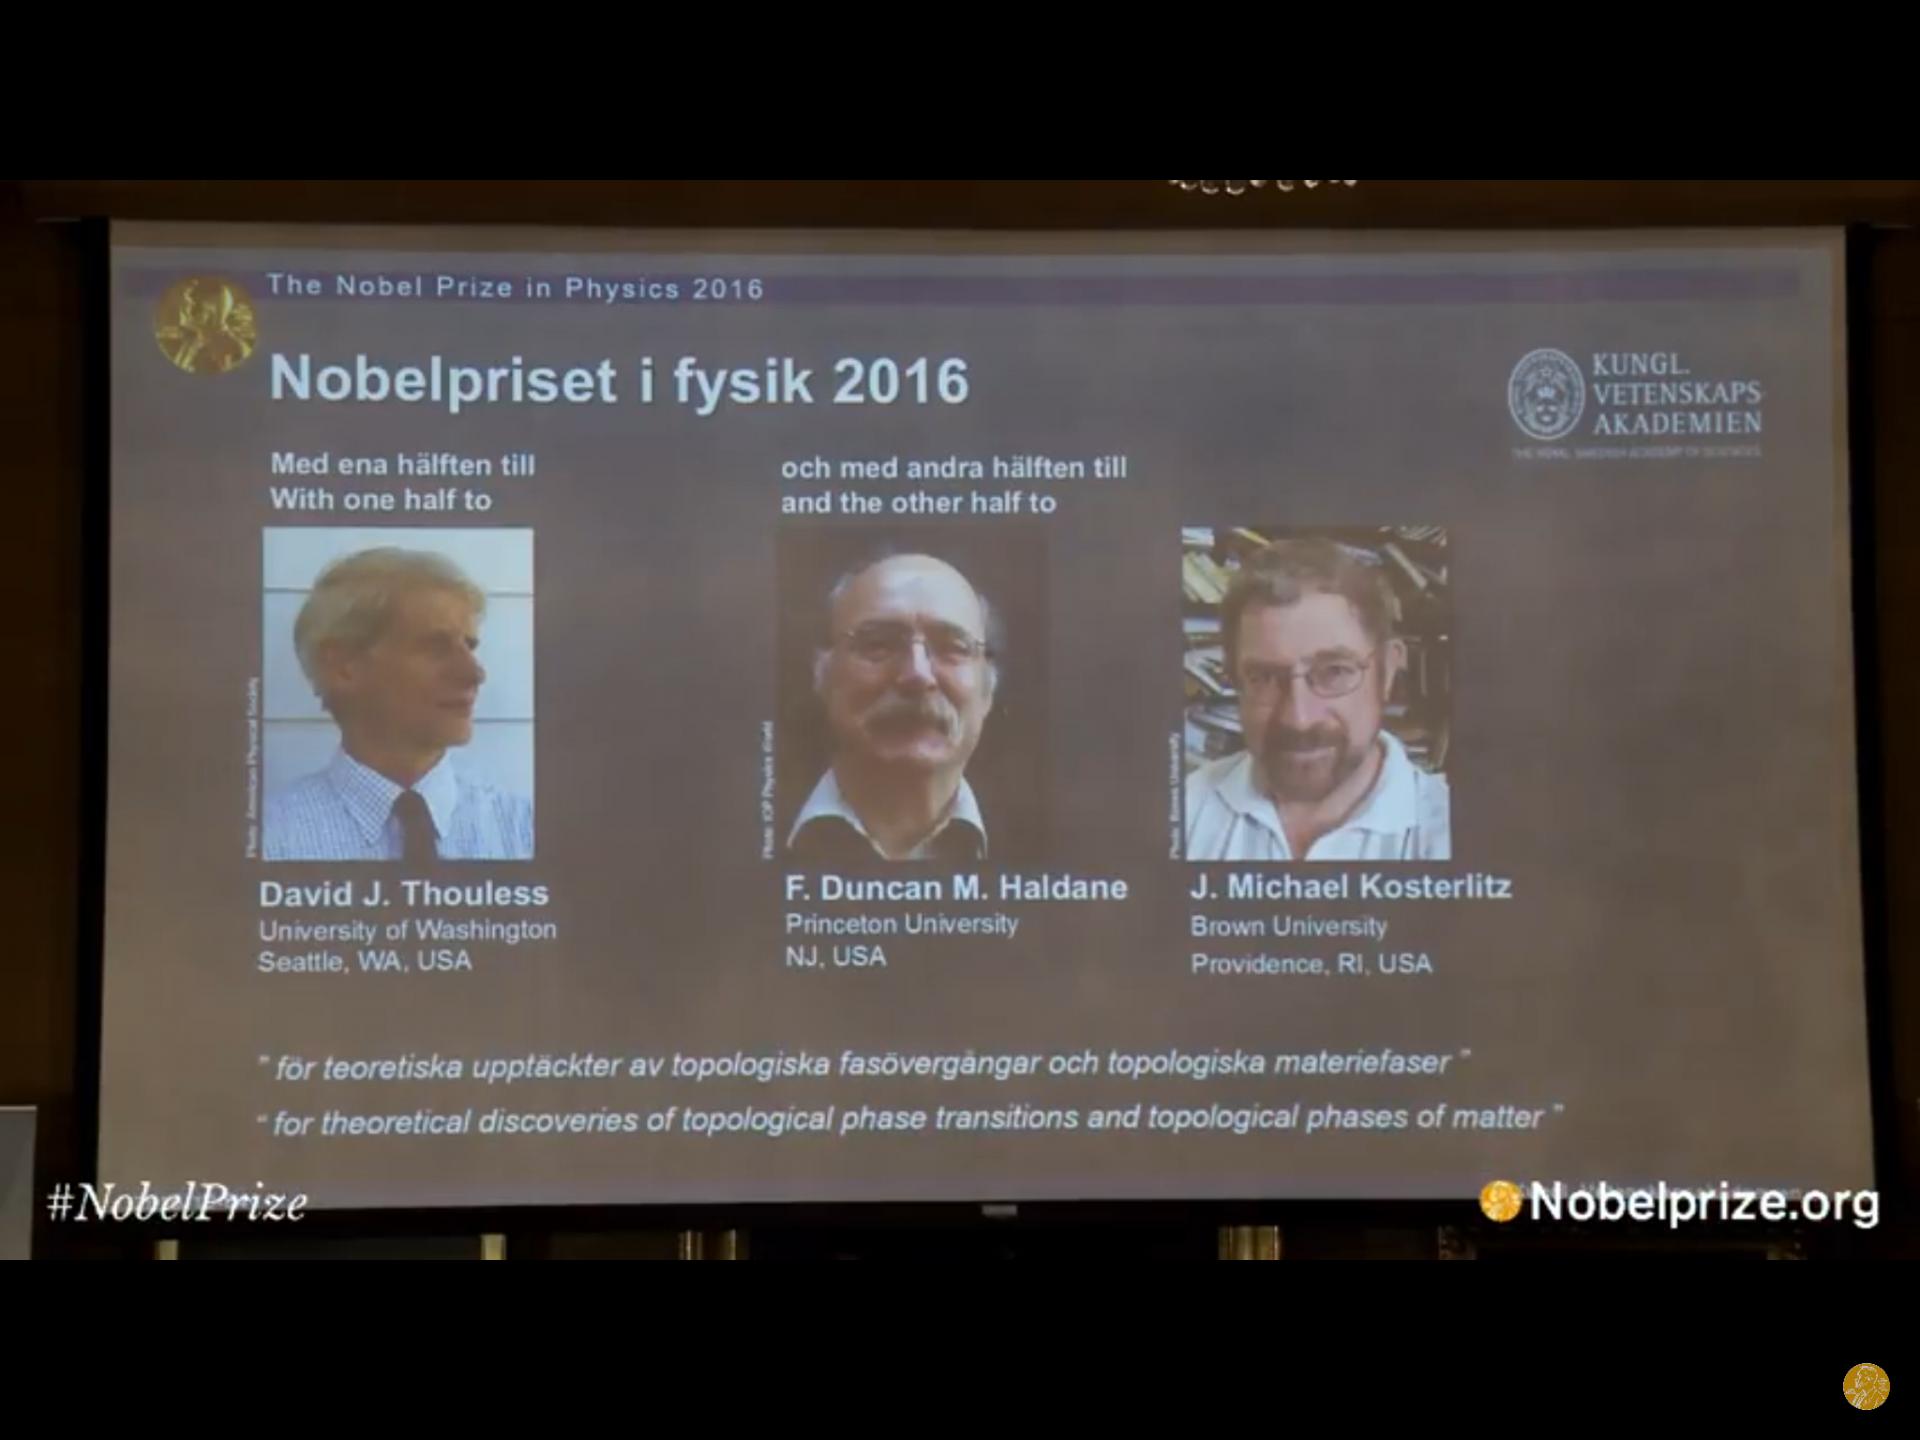 ВСтокгольме объявят лауреата Нобелевской премии пофизике за2016 год